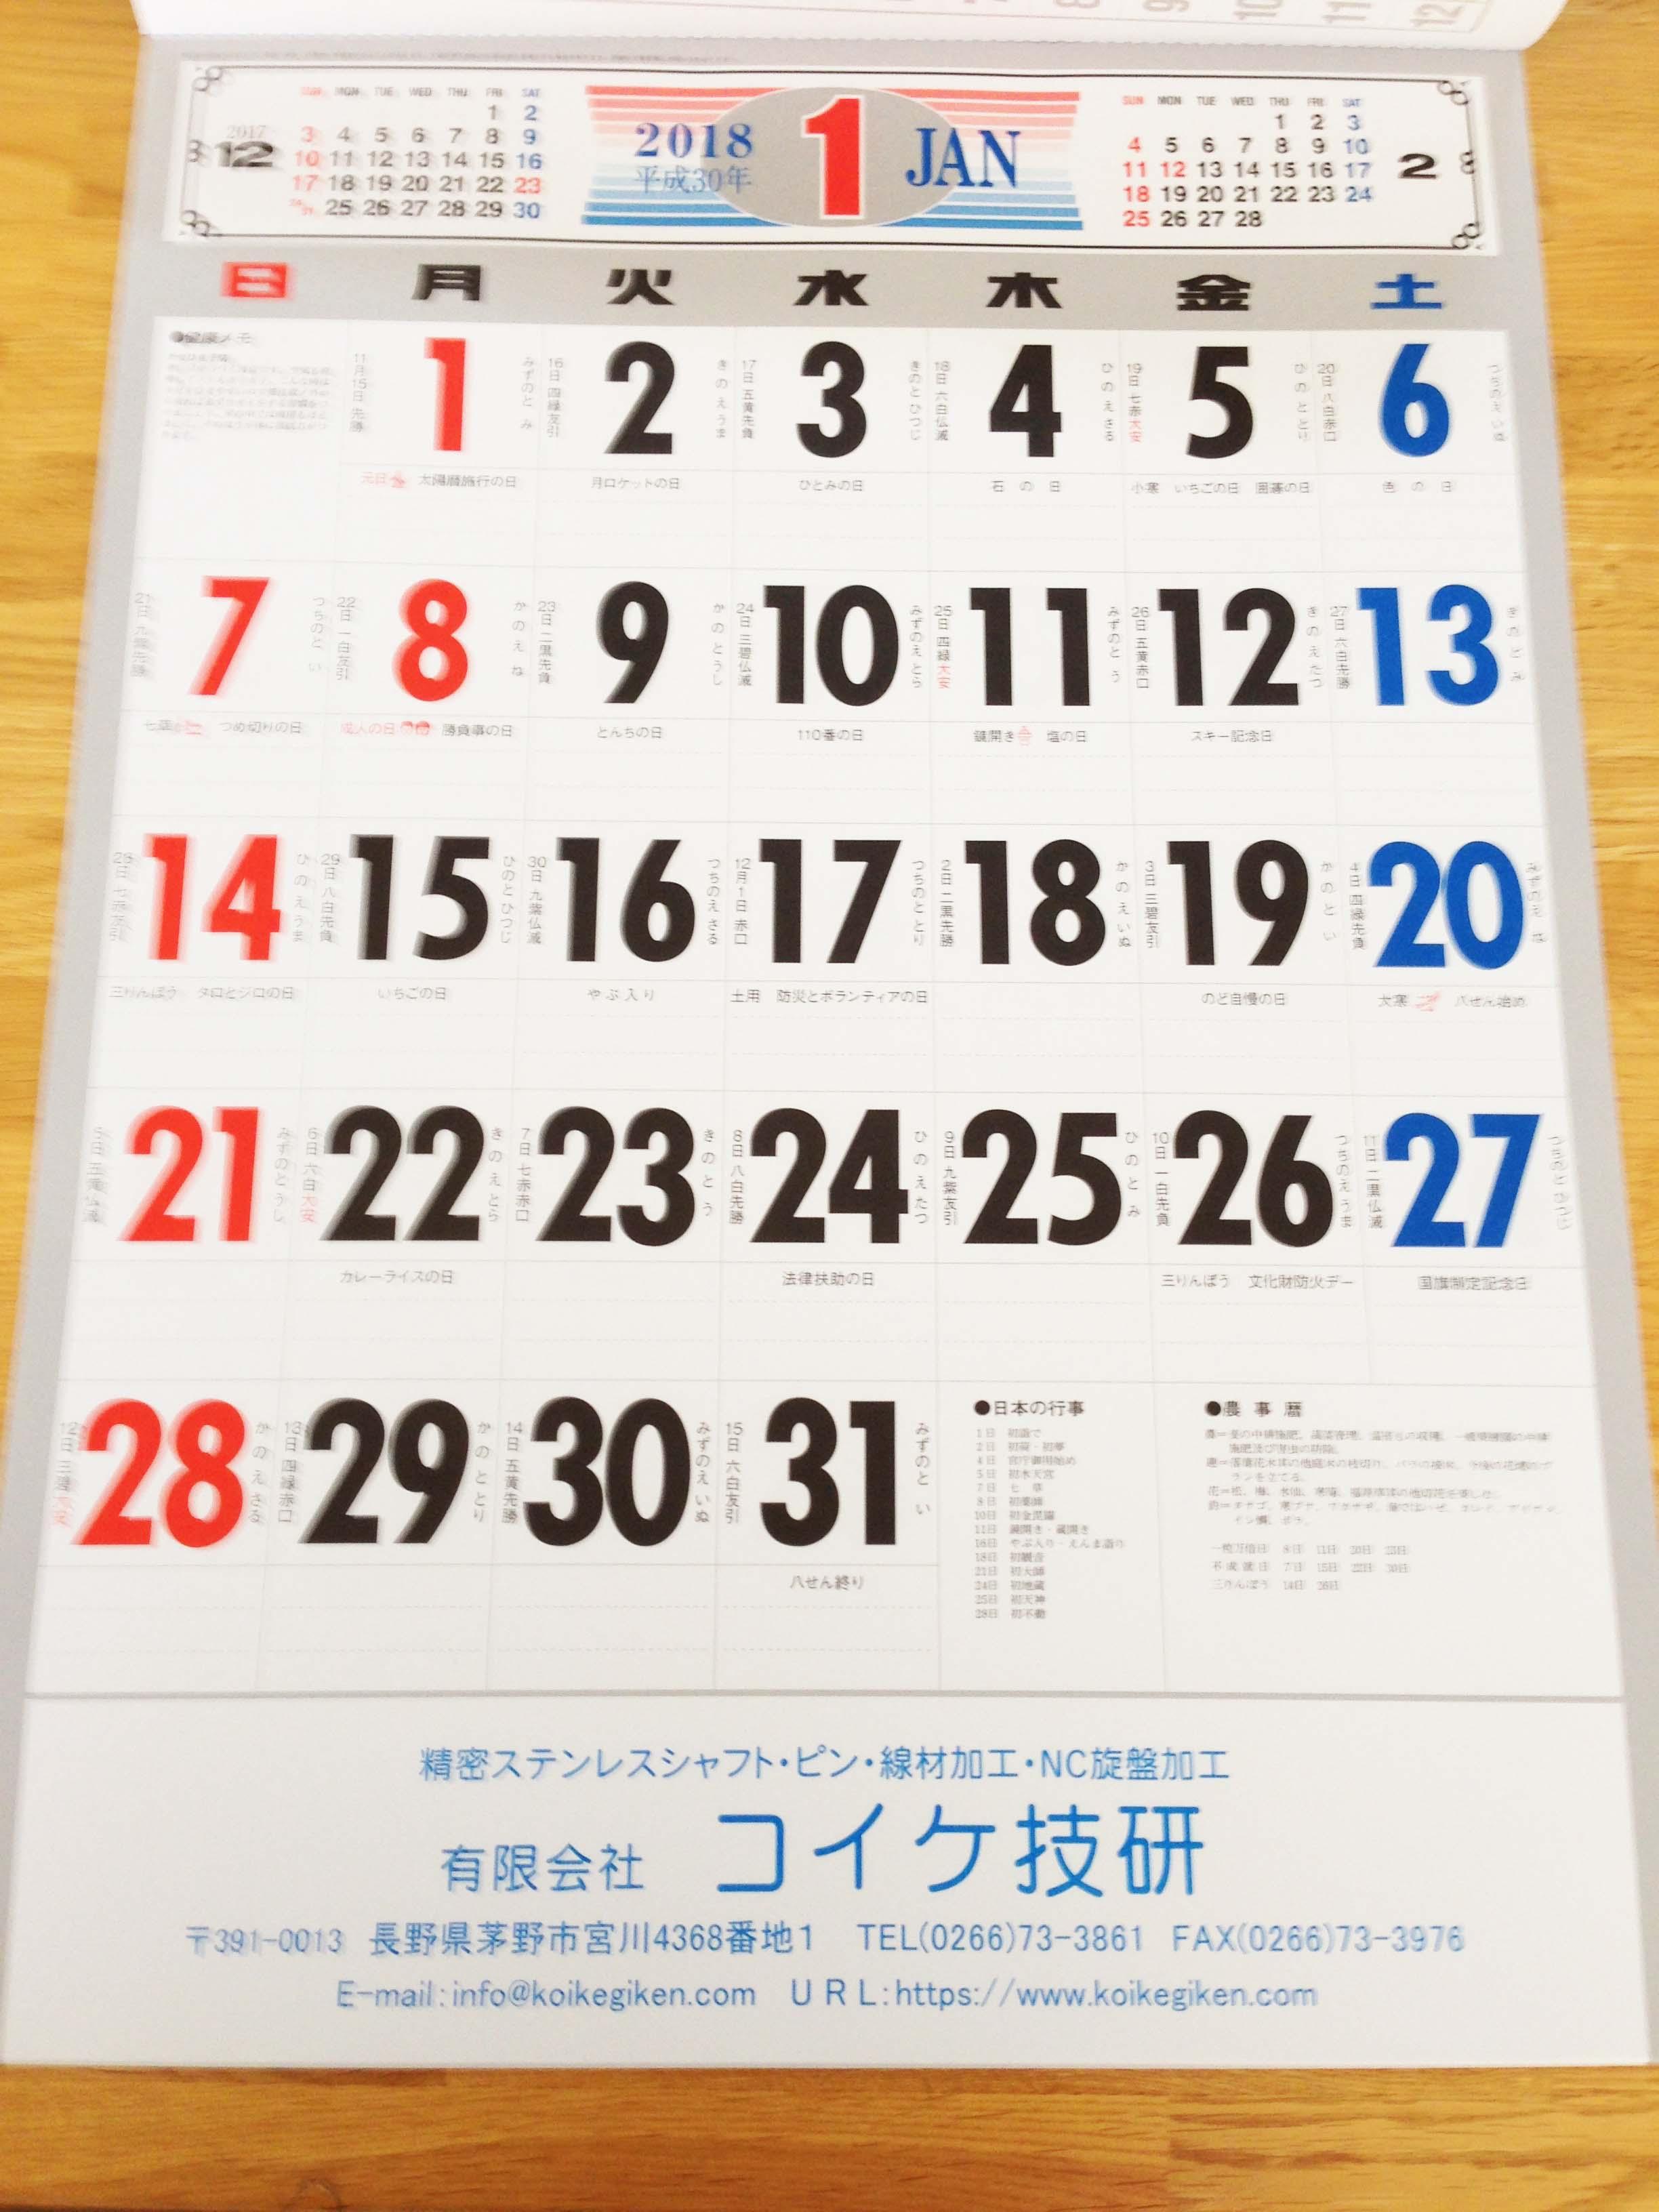 コイケ技研様の名入れカレンダーできました。